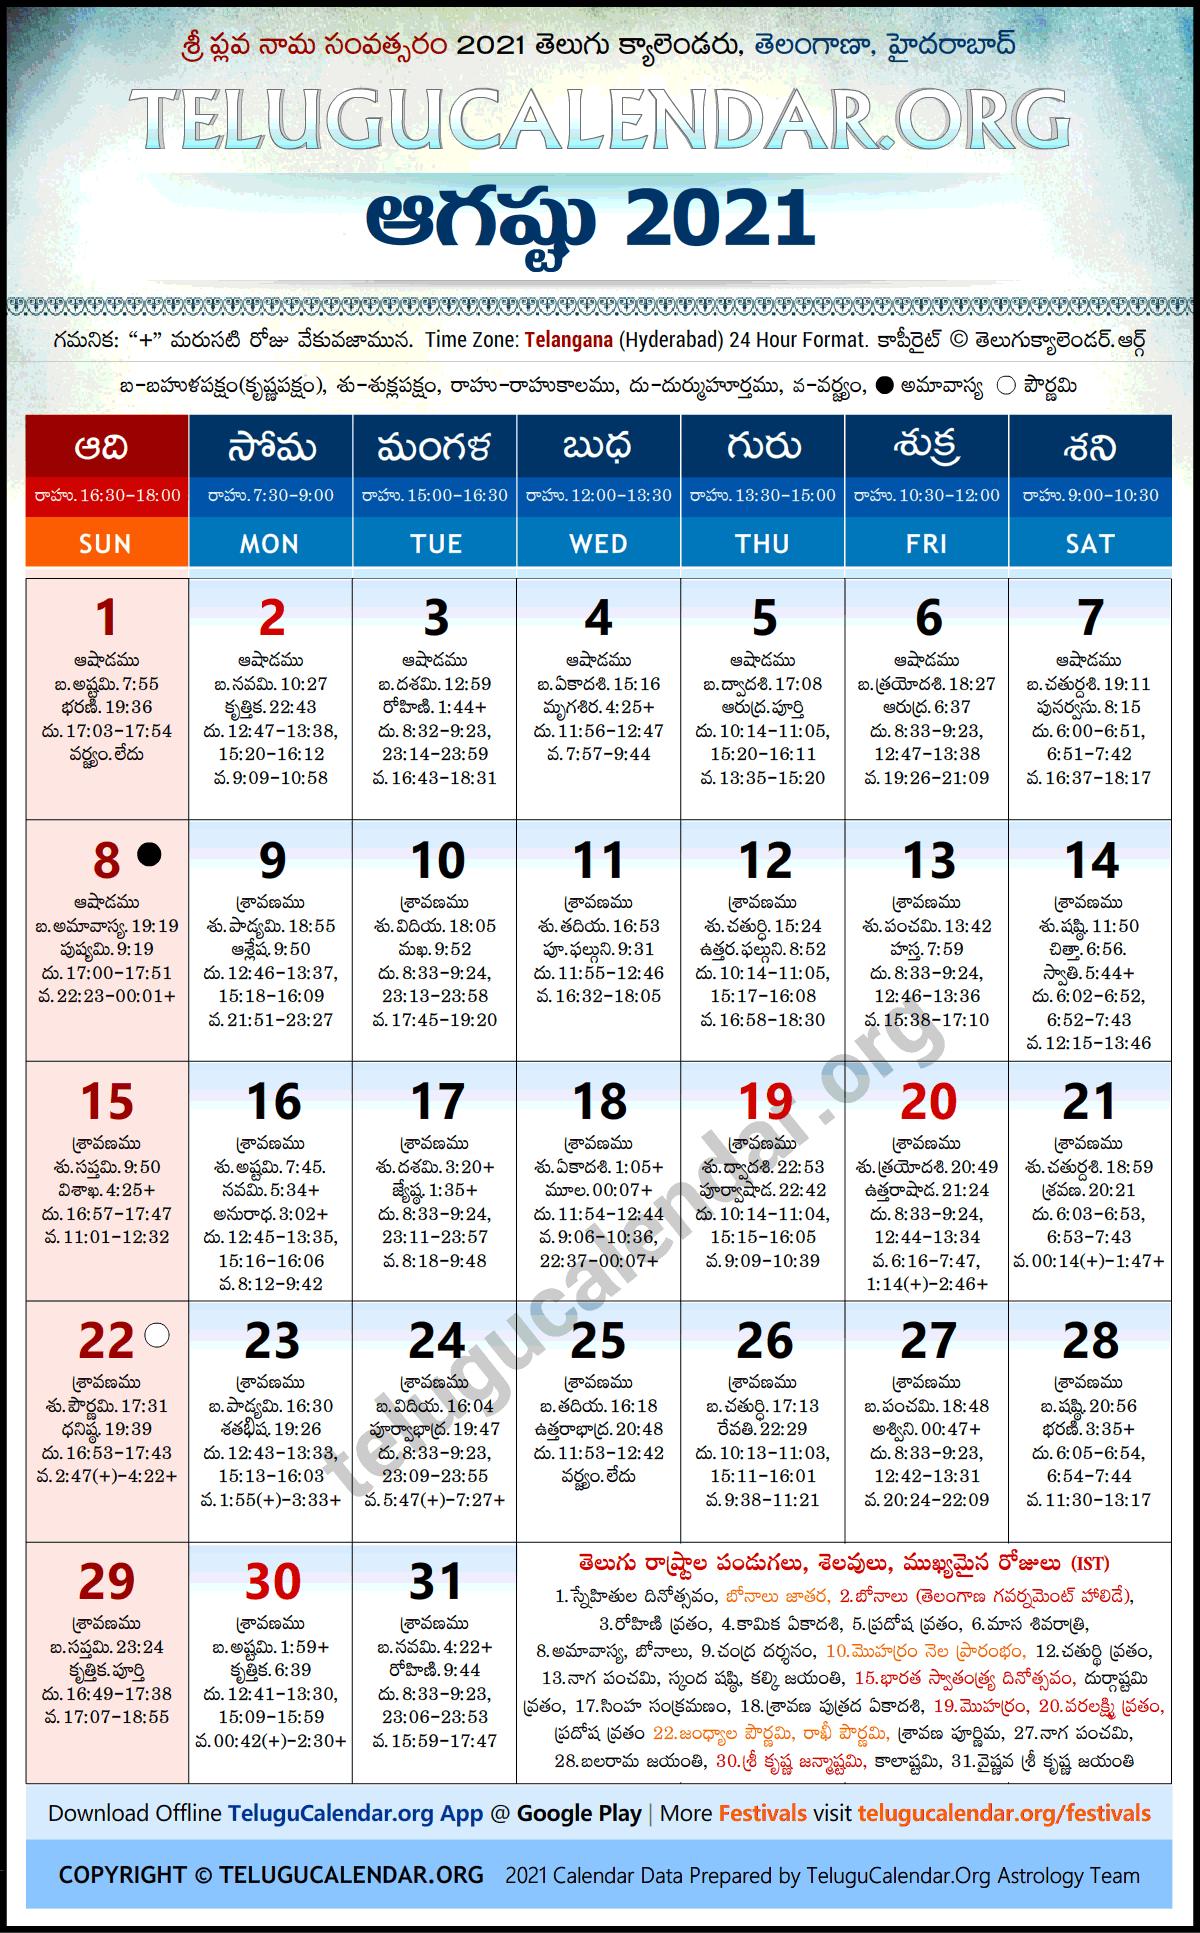 August 2021 Telugu Calendar Telangana 2021 August Telugu Calendar Festivals & Holidays